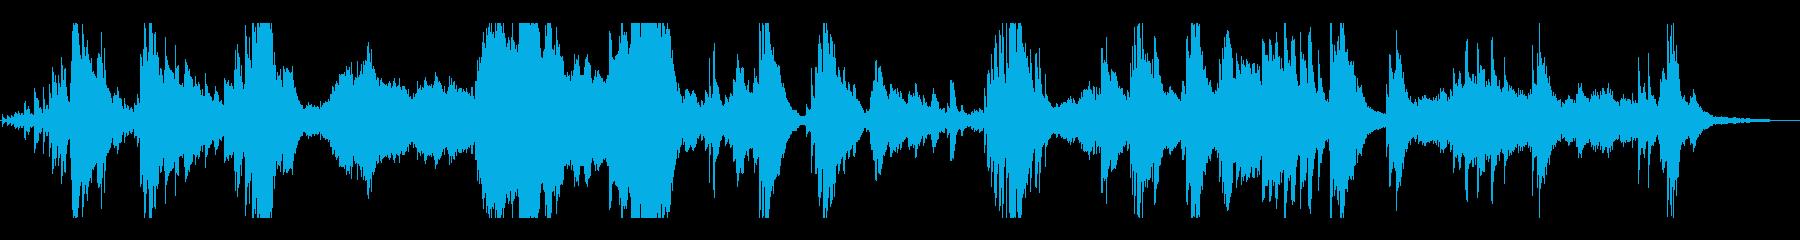 夜空・星・叙情 優しく幻想的なピアノソロの再生済みの波形